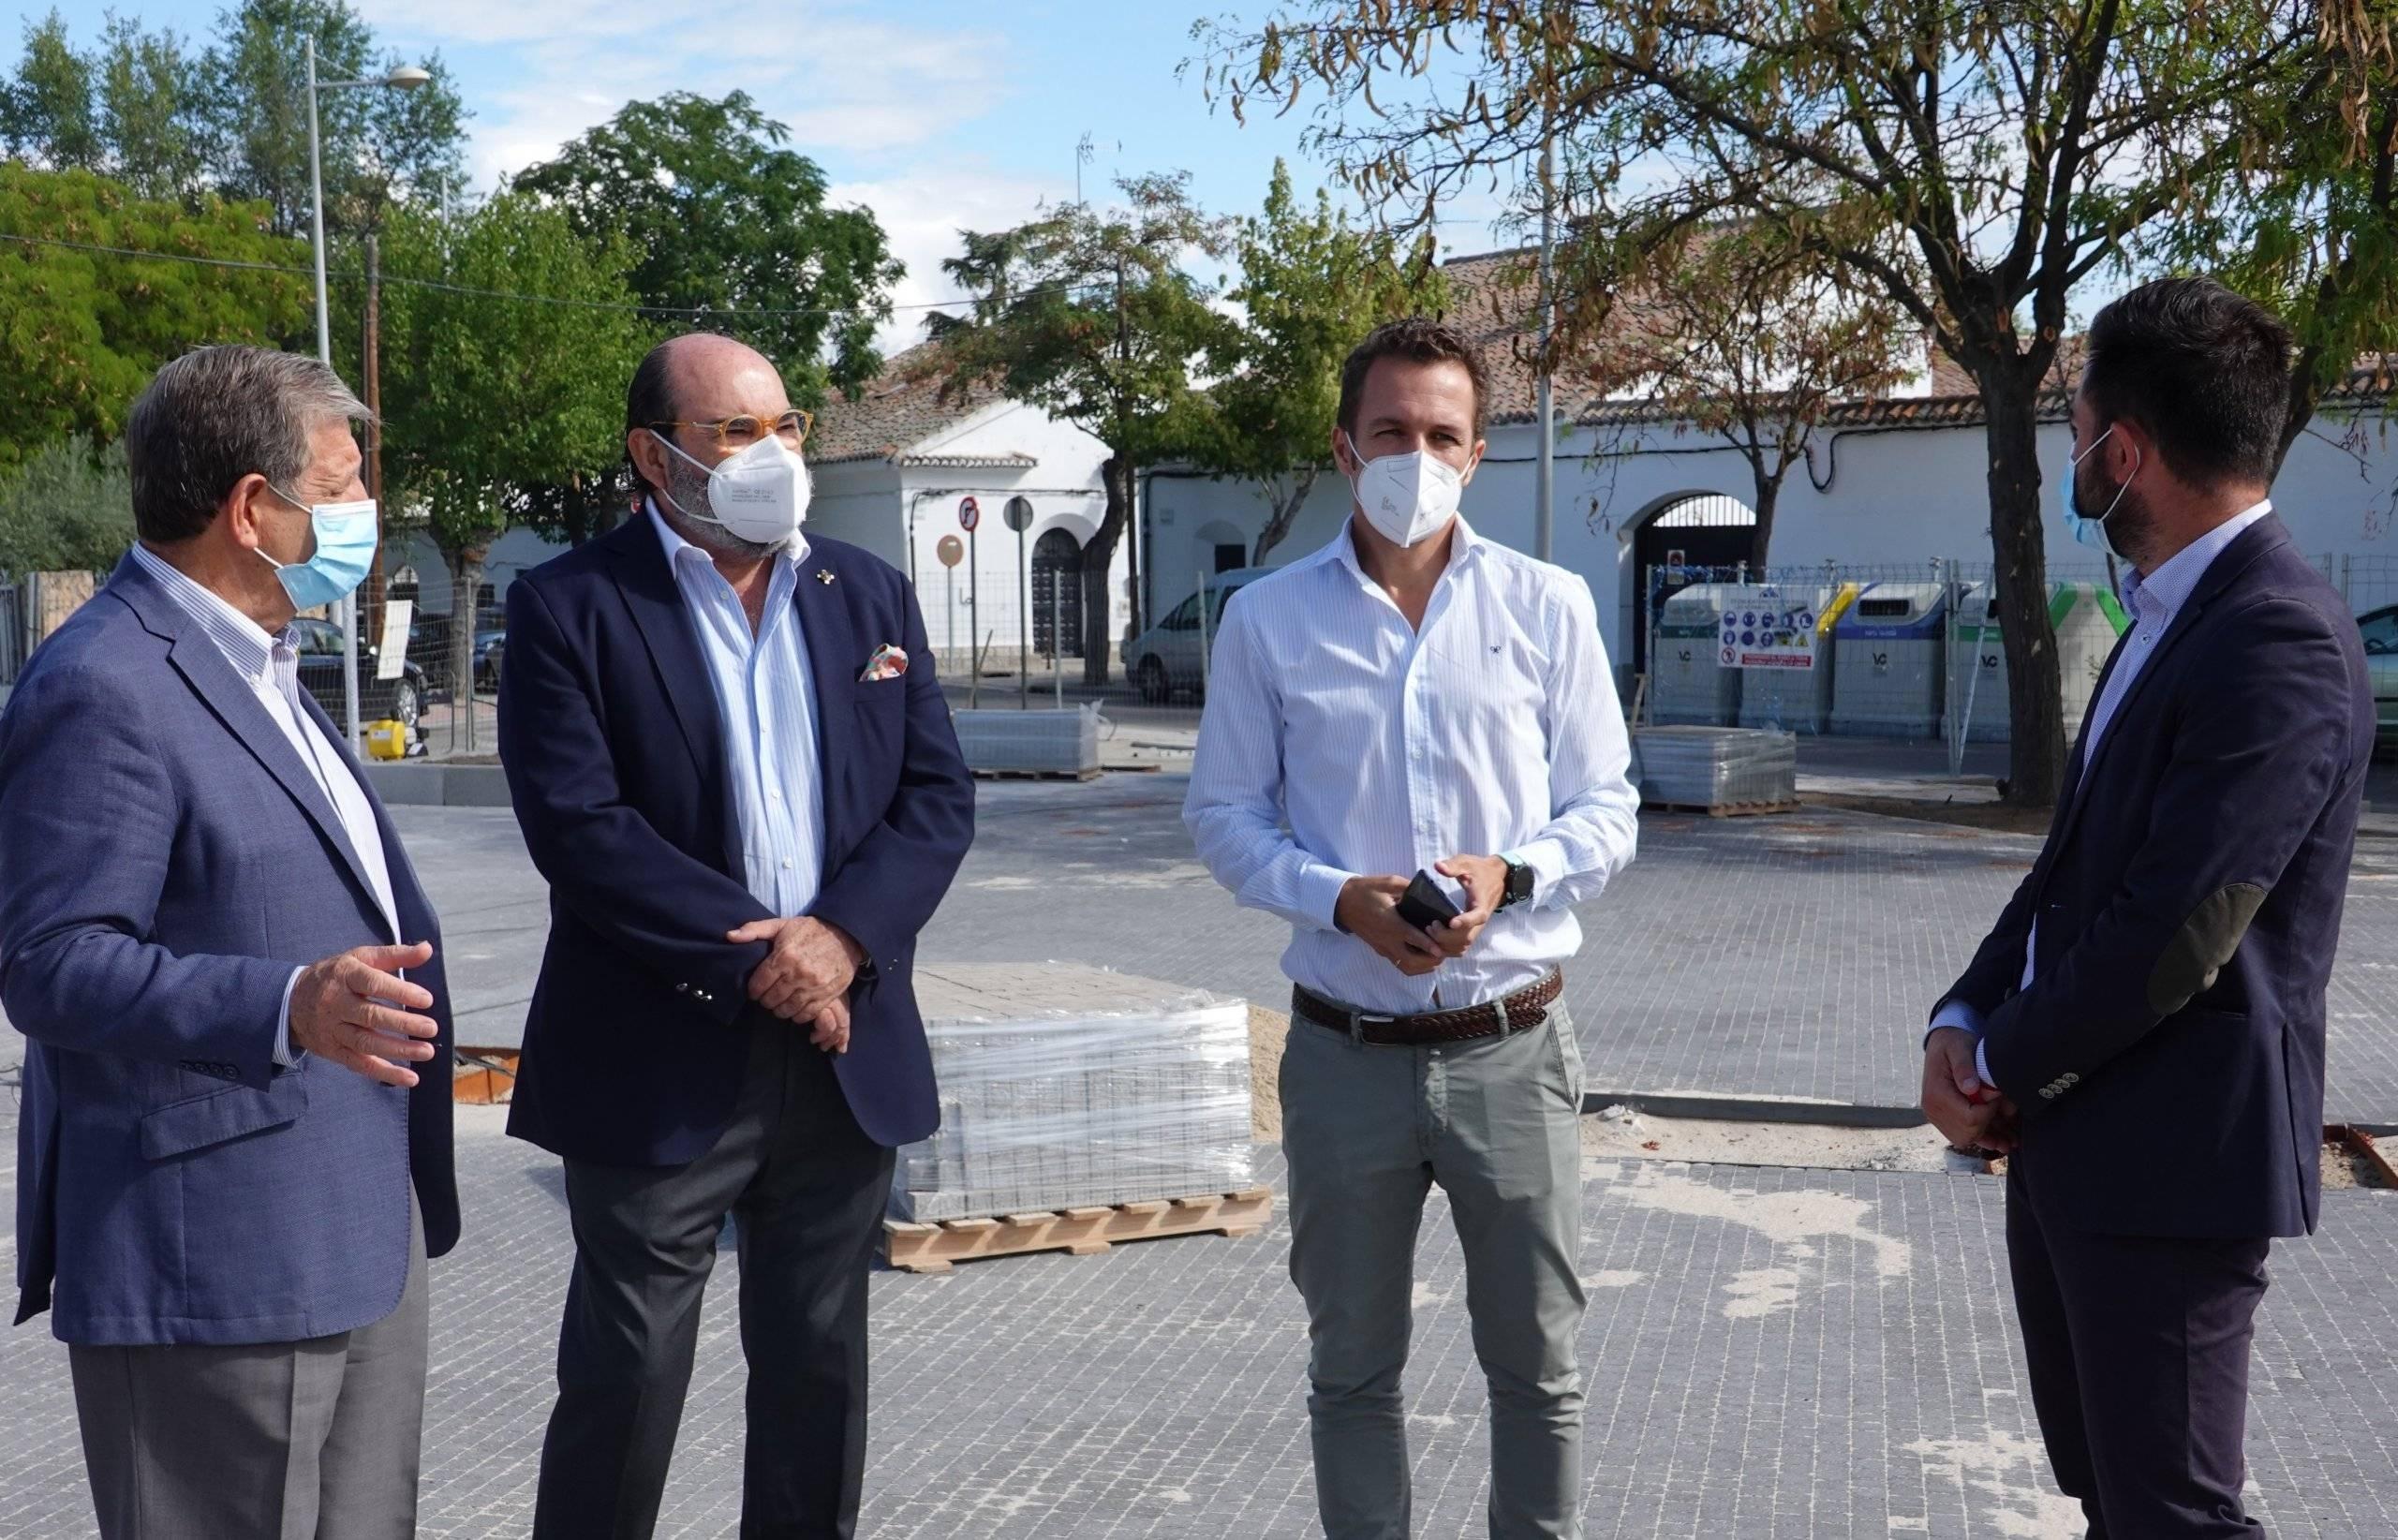 El alcalde, Luis Partida, junto a uno de los técnicos municipales y concejales.